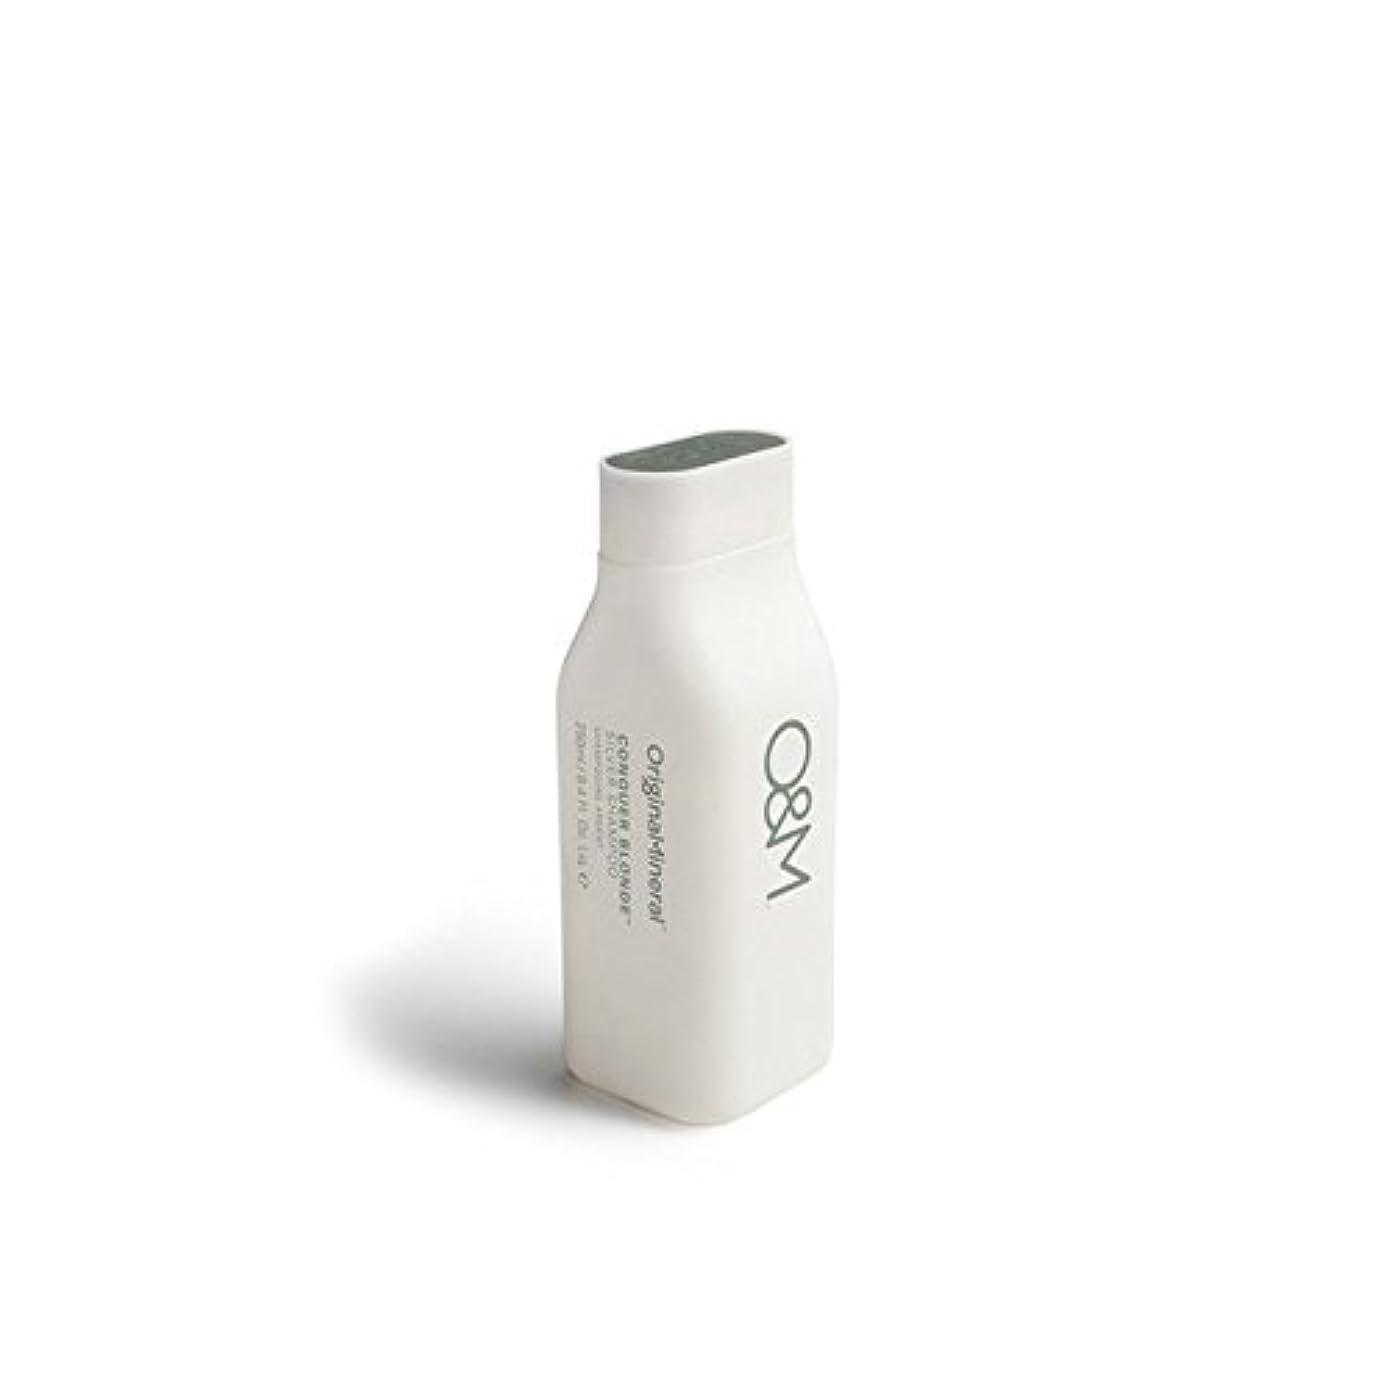 タイプ額同意するOriginal & Mineral Conquer Blonde Silver Shampoo (250ml) (Pack of 6) - オリジナル&ミネラル統治ブロンド銀シャンプー(250ミリリットル) x6 [並行輸入品]